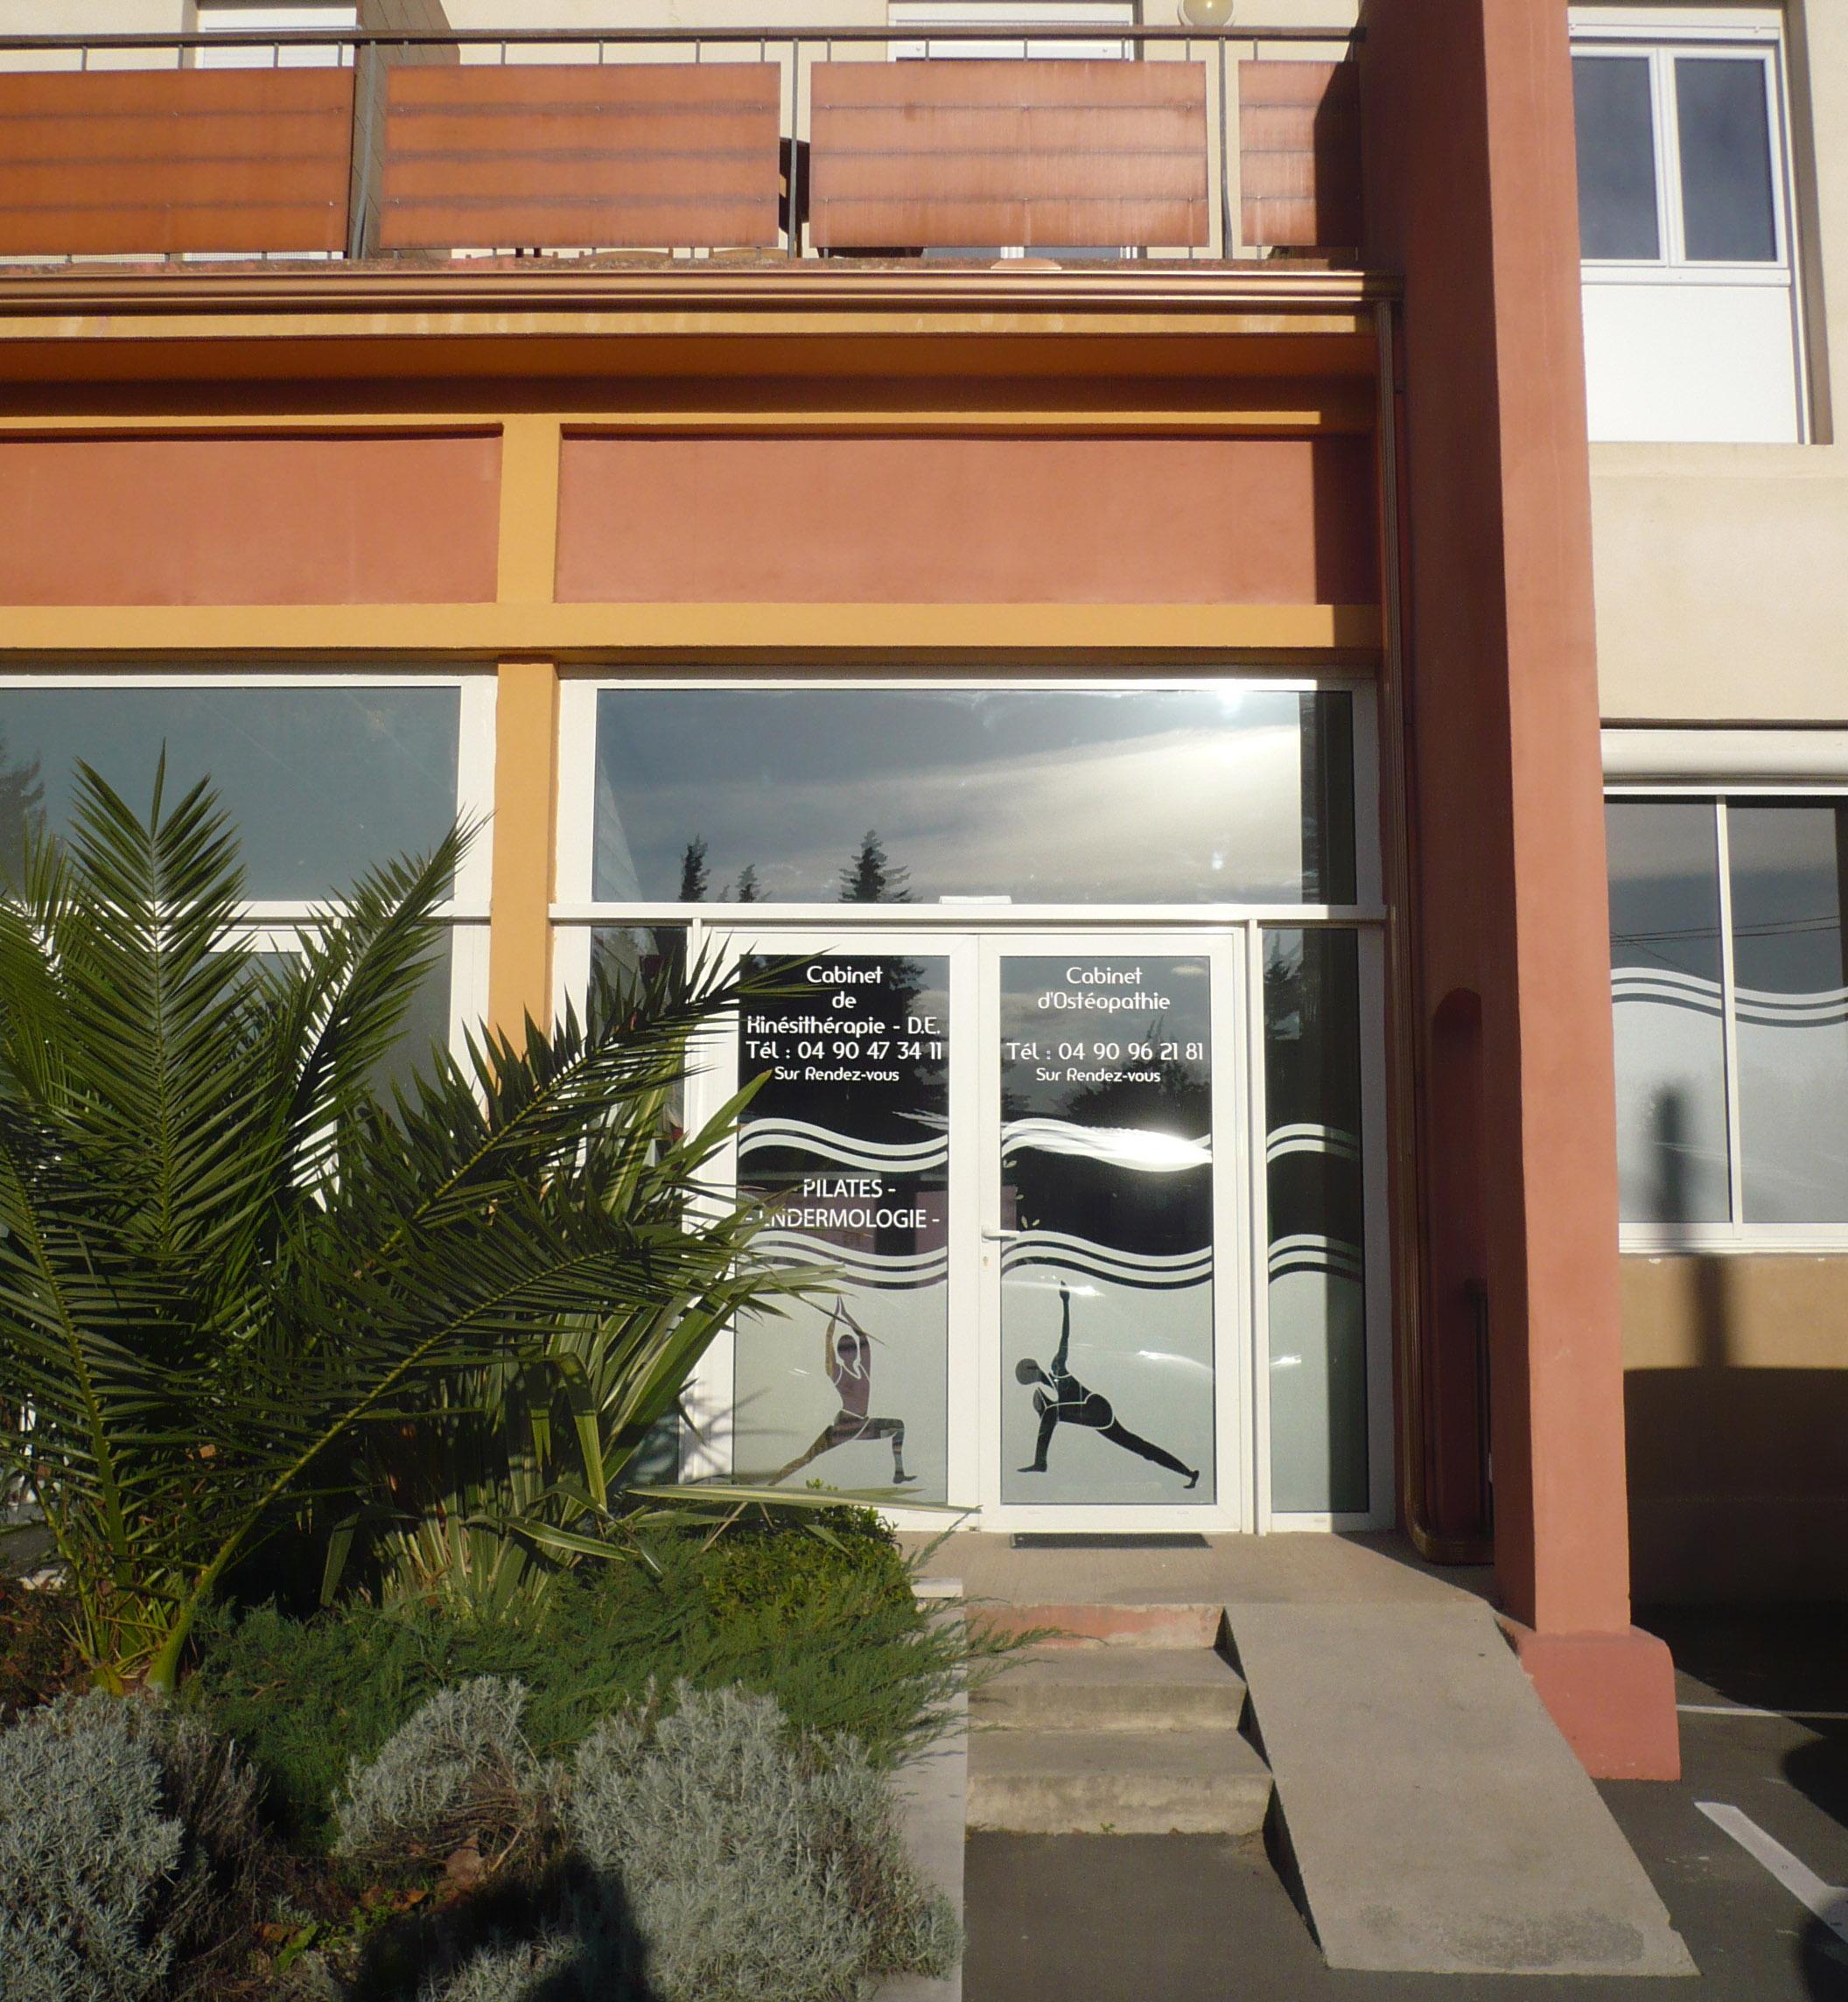 Cabinet d'Osteopathie-kinesiterapie-cours de pilates Arles - pierre jean rivaud